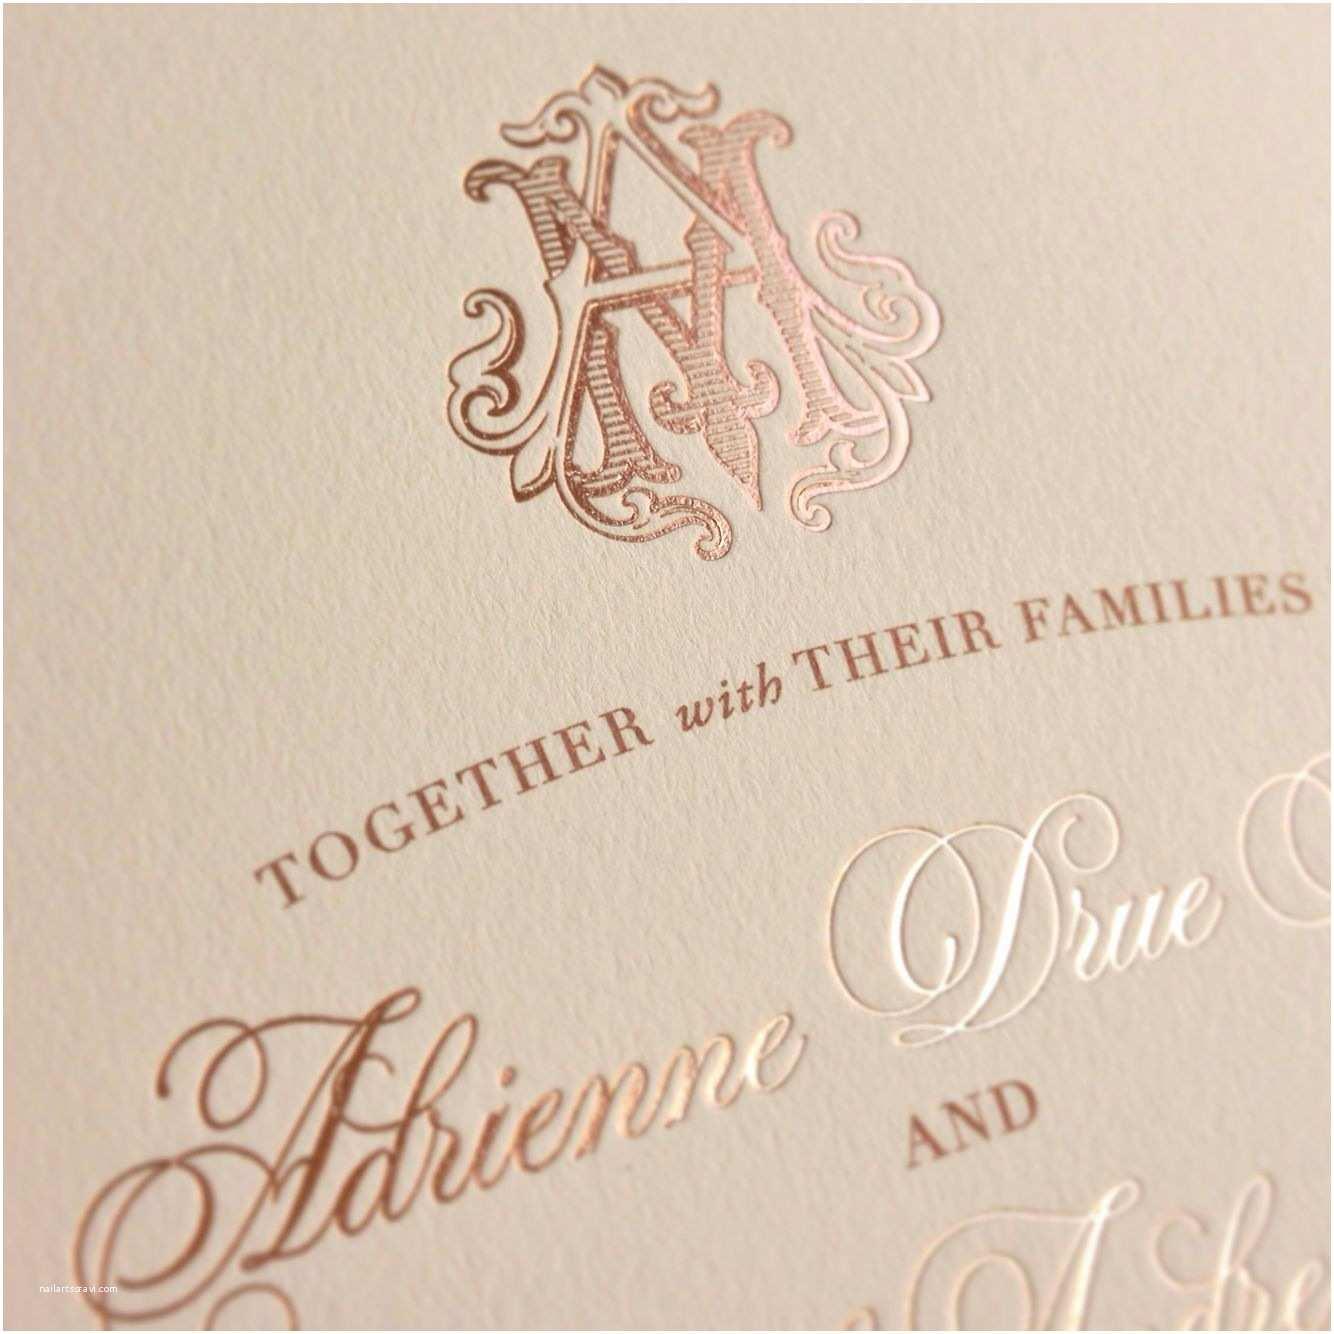 Rose Gold Foil Wedding Invitations Rose Gold Foil Custom Monogram Wedding Invitations by Ecru